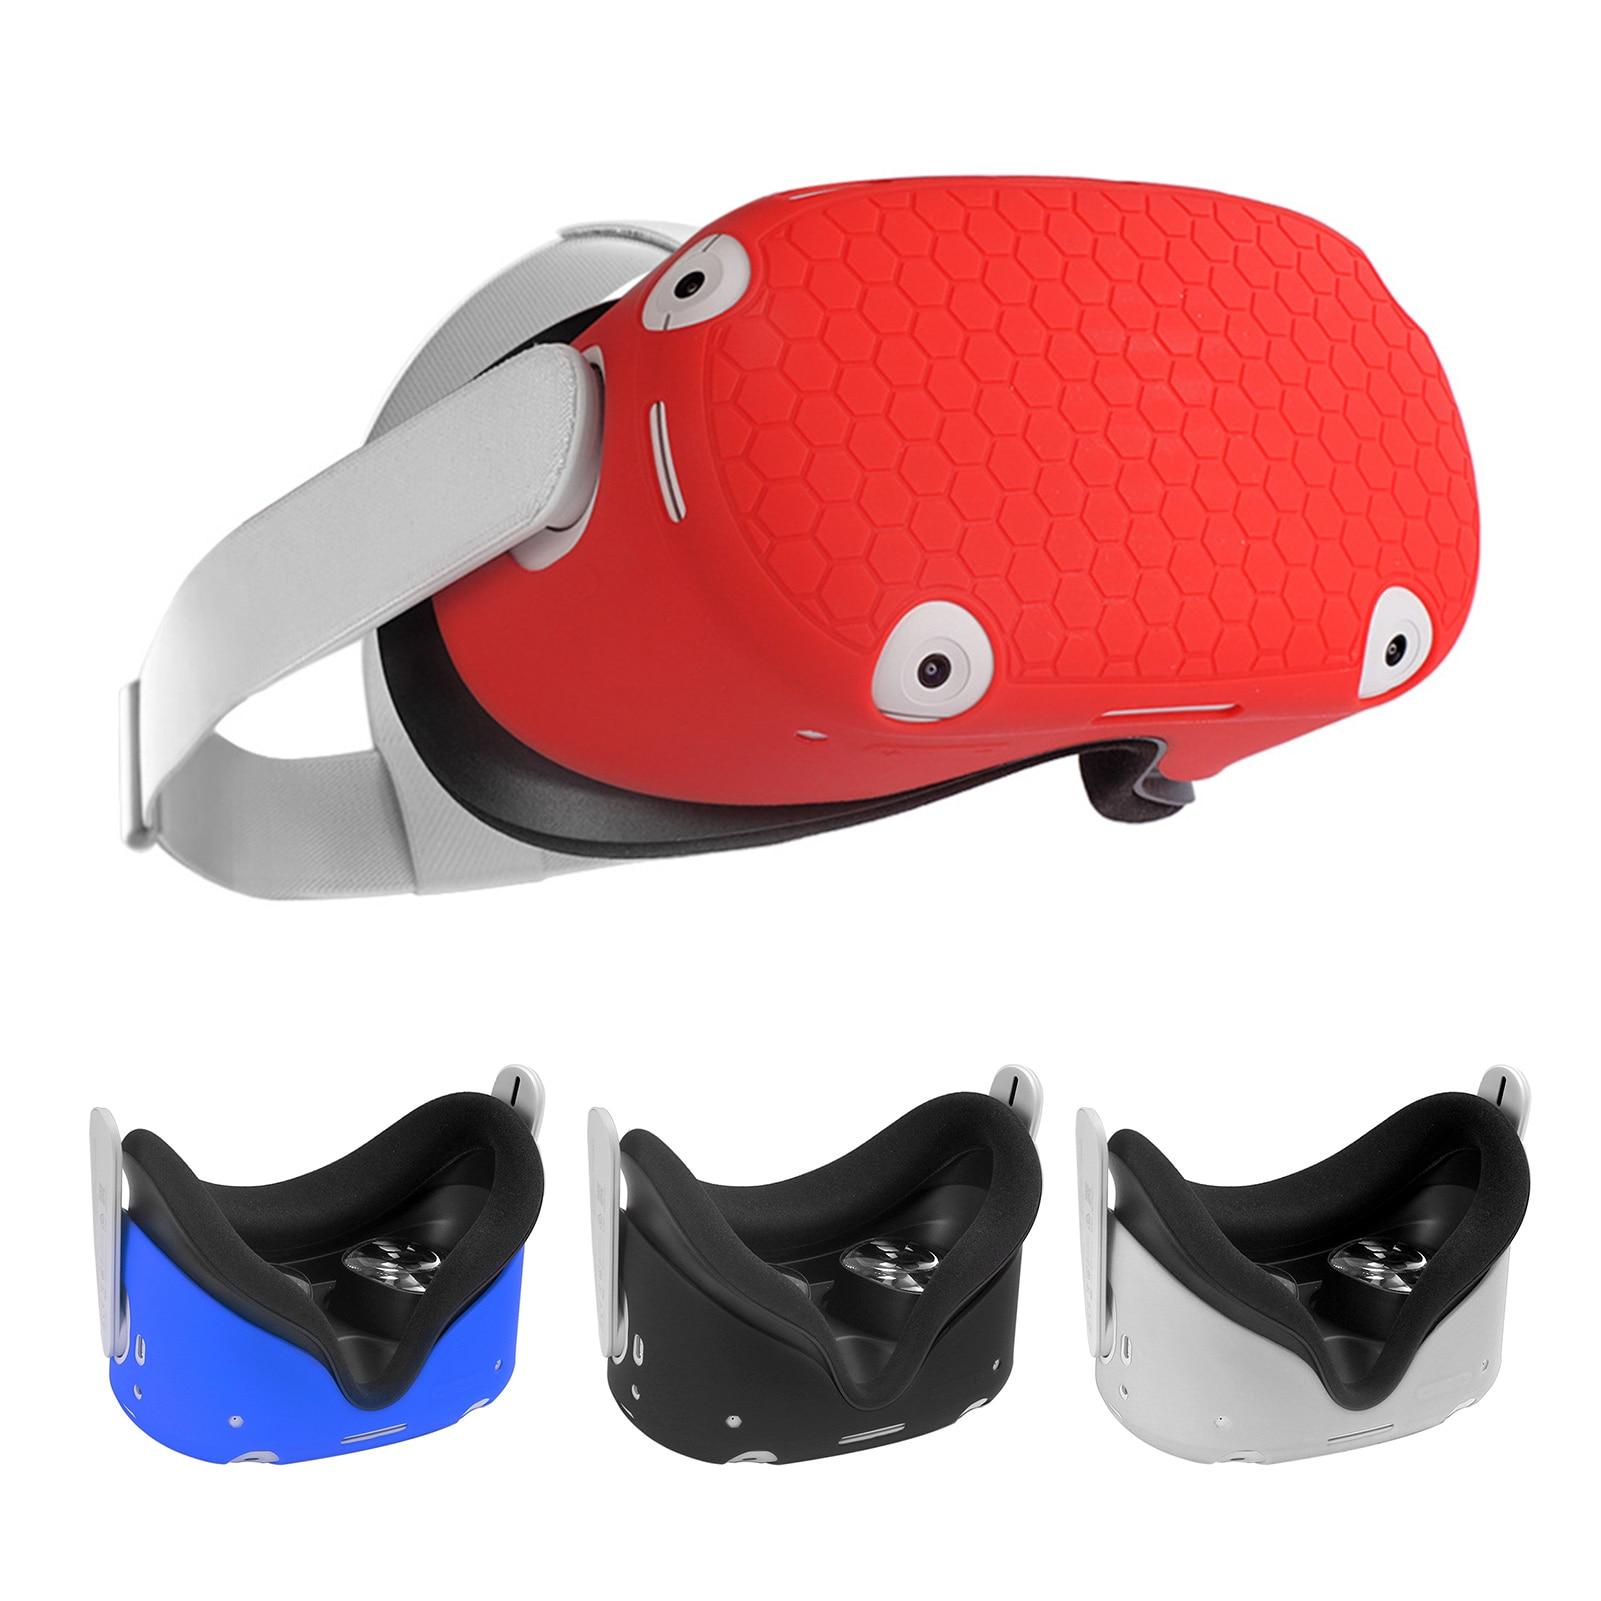 Силиконовый защитный чехол, чехол для Oculus Quest 2 VR гарнитуры, защита от царапин, аксессуары для Oculus Quest 2 VR